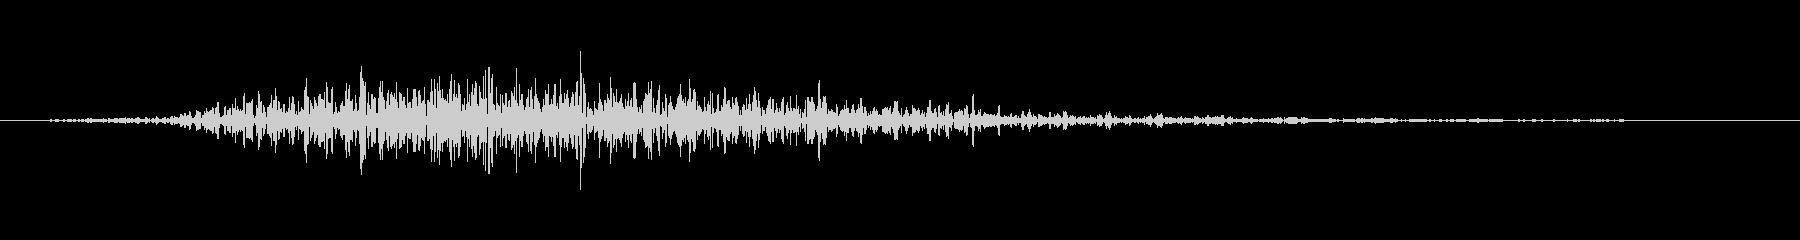 SynthWhoosh EC06_...の未再生の波形